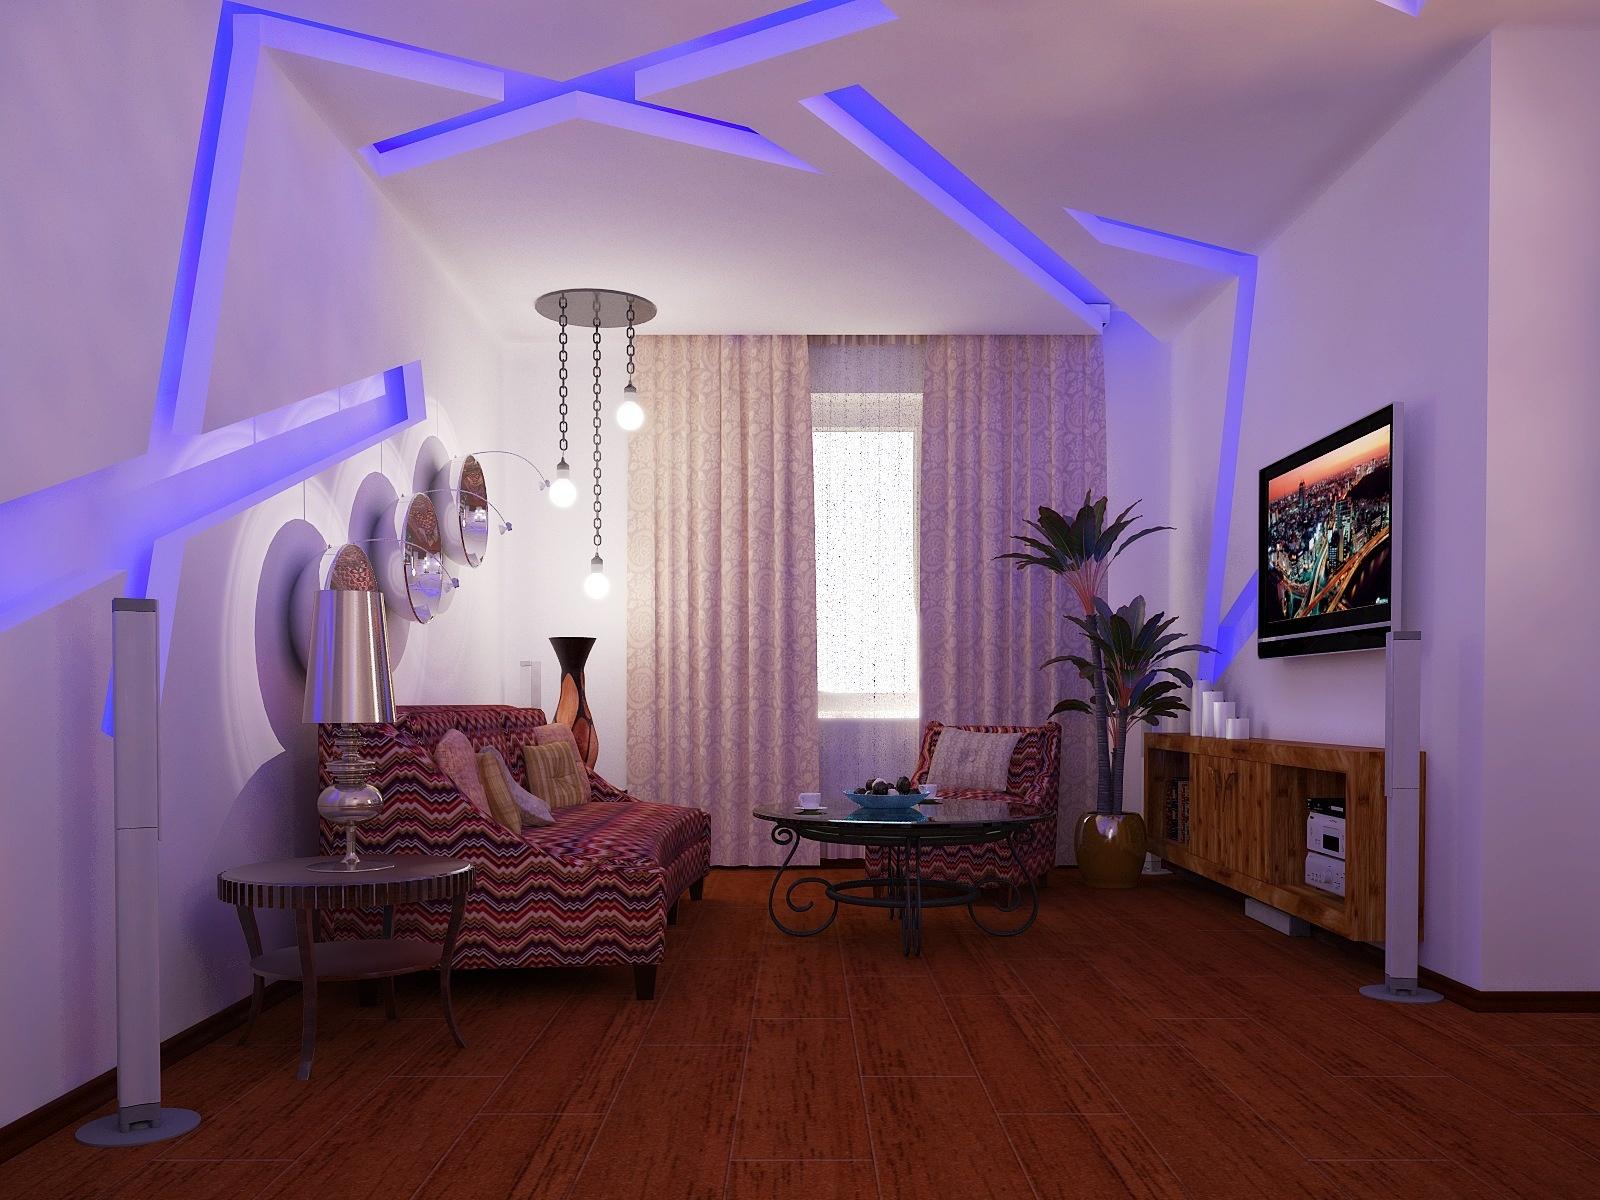 Варианты освещения комнат - 75 фото лучших идей от дизайнеро.